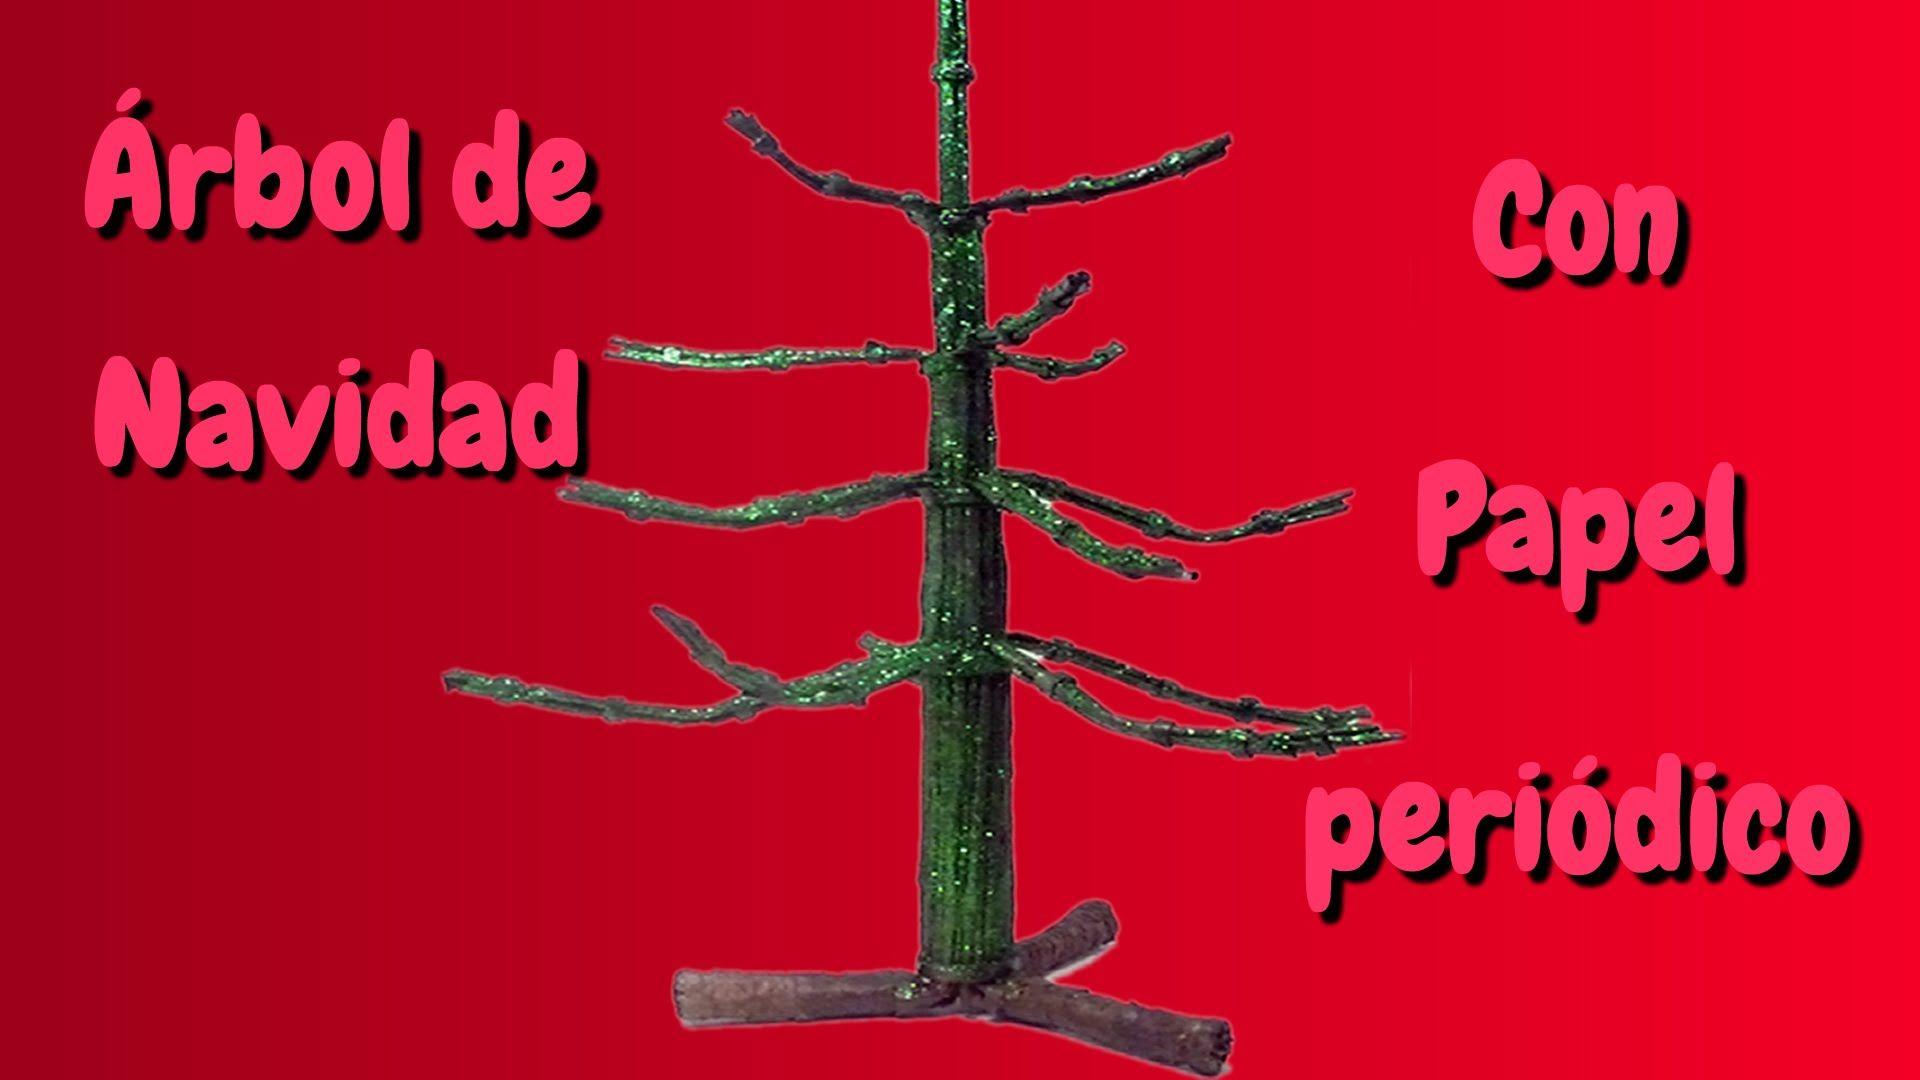 Rbol de navidad con papel peri dico navidad pinterest - Arboles de navidad de papel ...